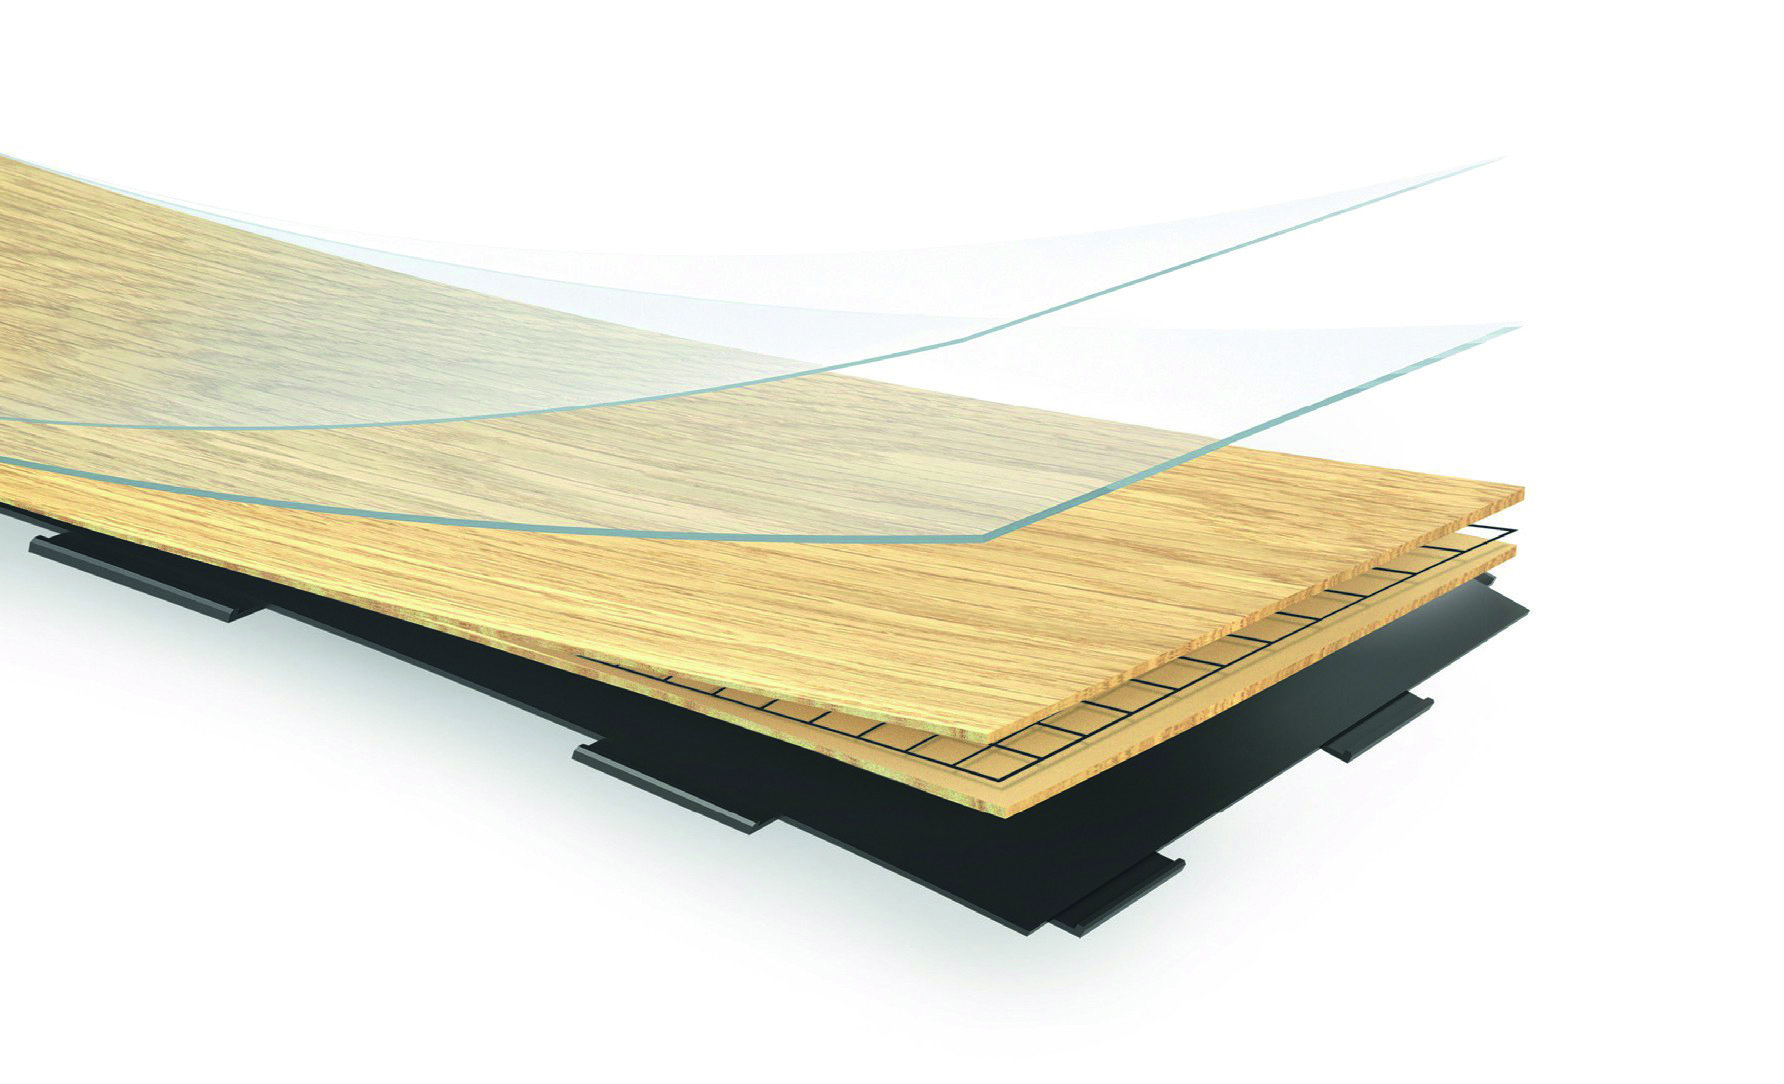 Pavimento Pvc Click Opinioni pavimenti vinilici: pratici e decorativi, più performanti se